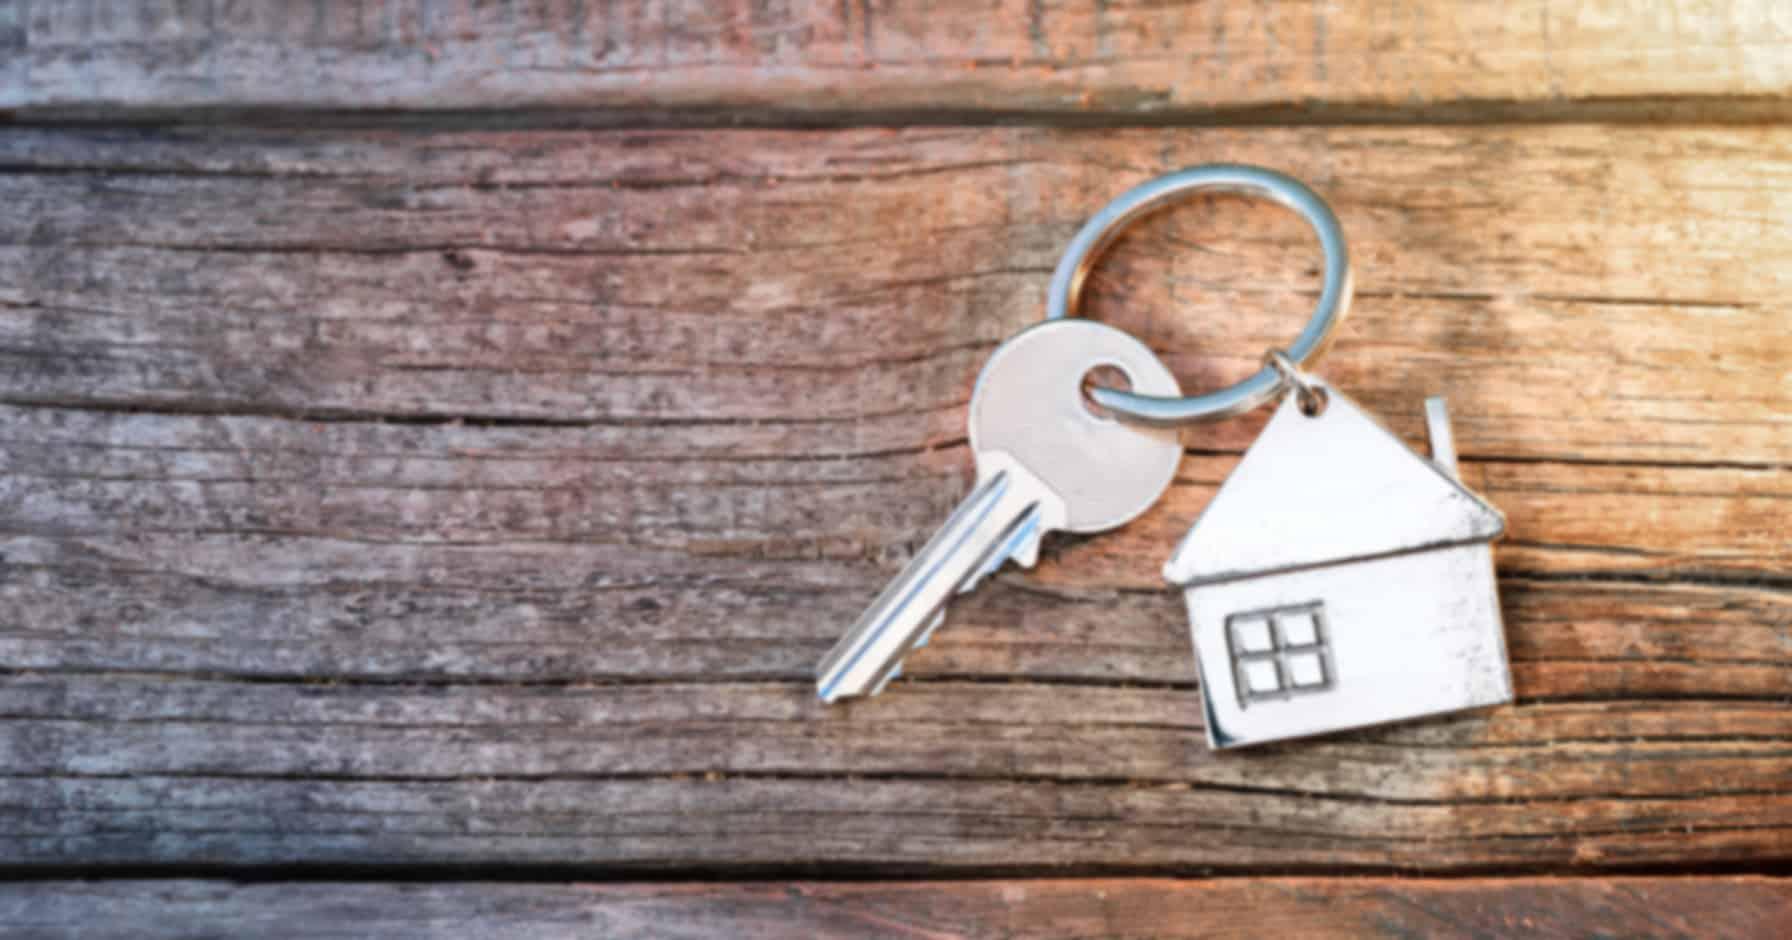 Wohnung Kaufen Privat Das Müssen Sie Beachten Vermietetde